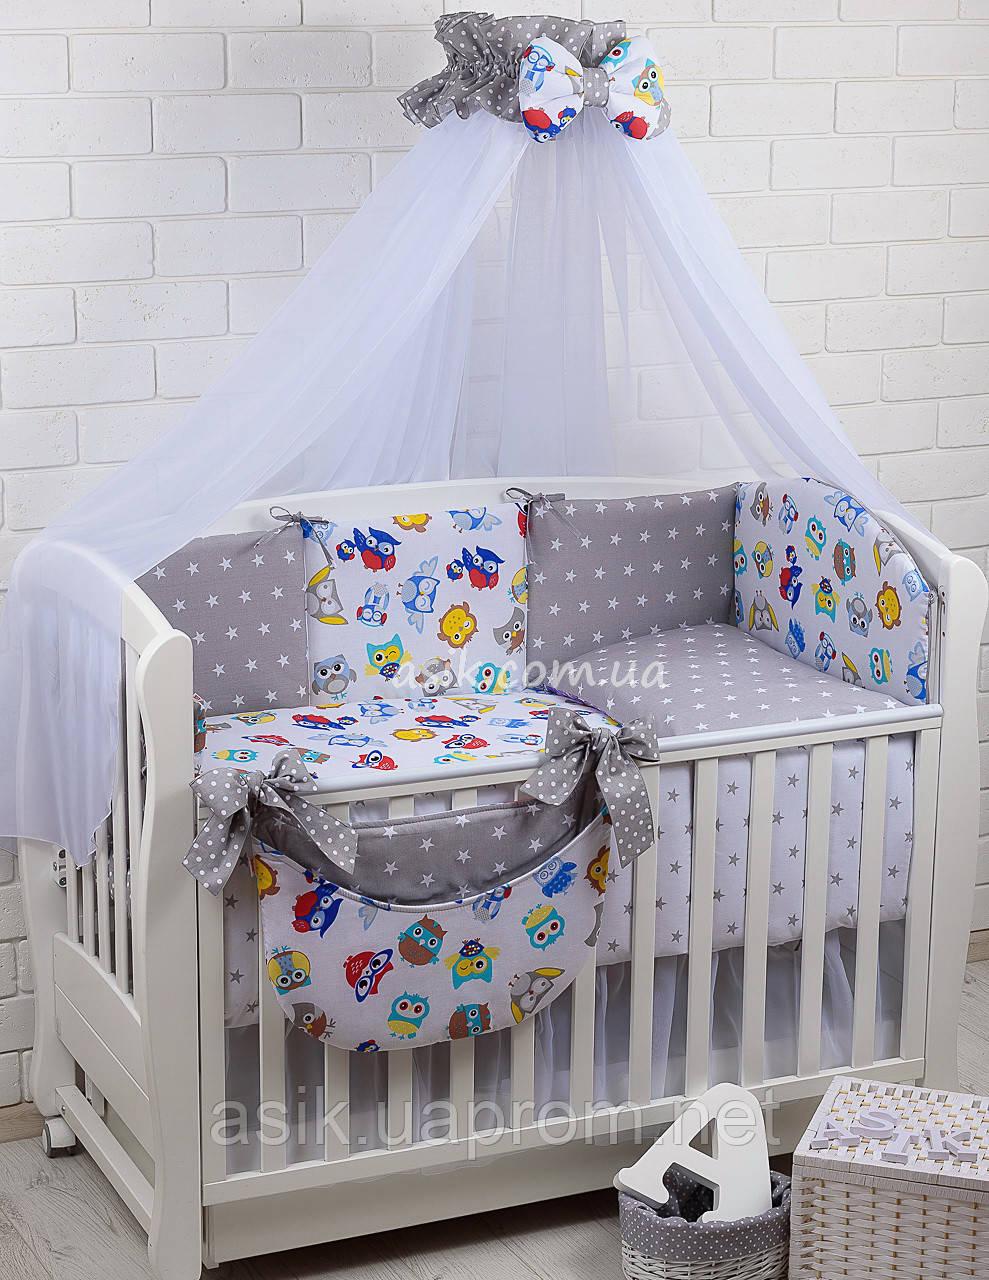 Комплект постельного белья Asik Совы цветные с серыми звёздами 8 предметов (8-258)